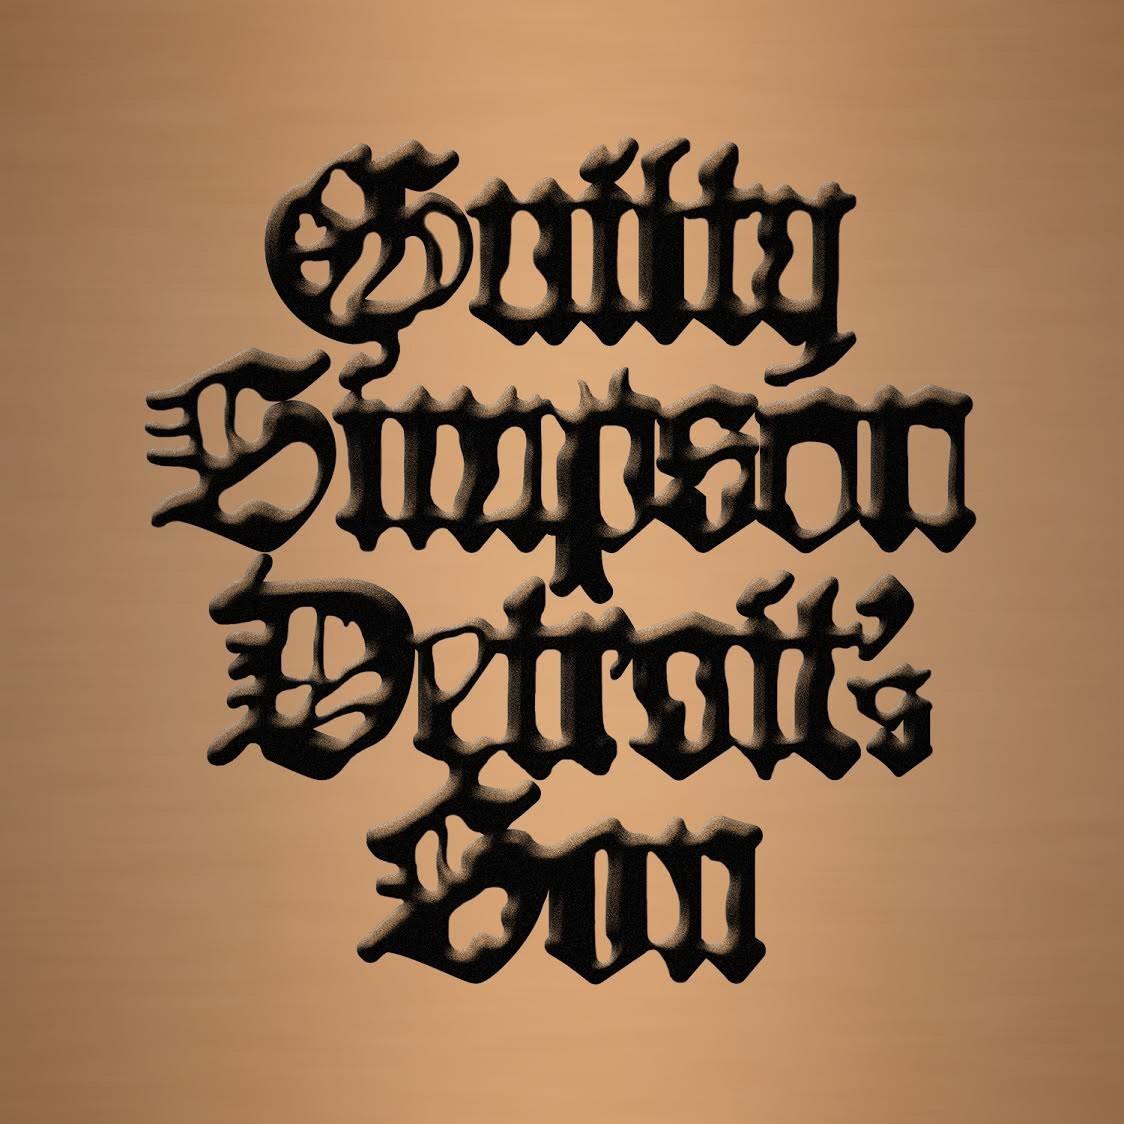 11. Guilty Simpson - Detroit's Songu